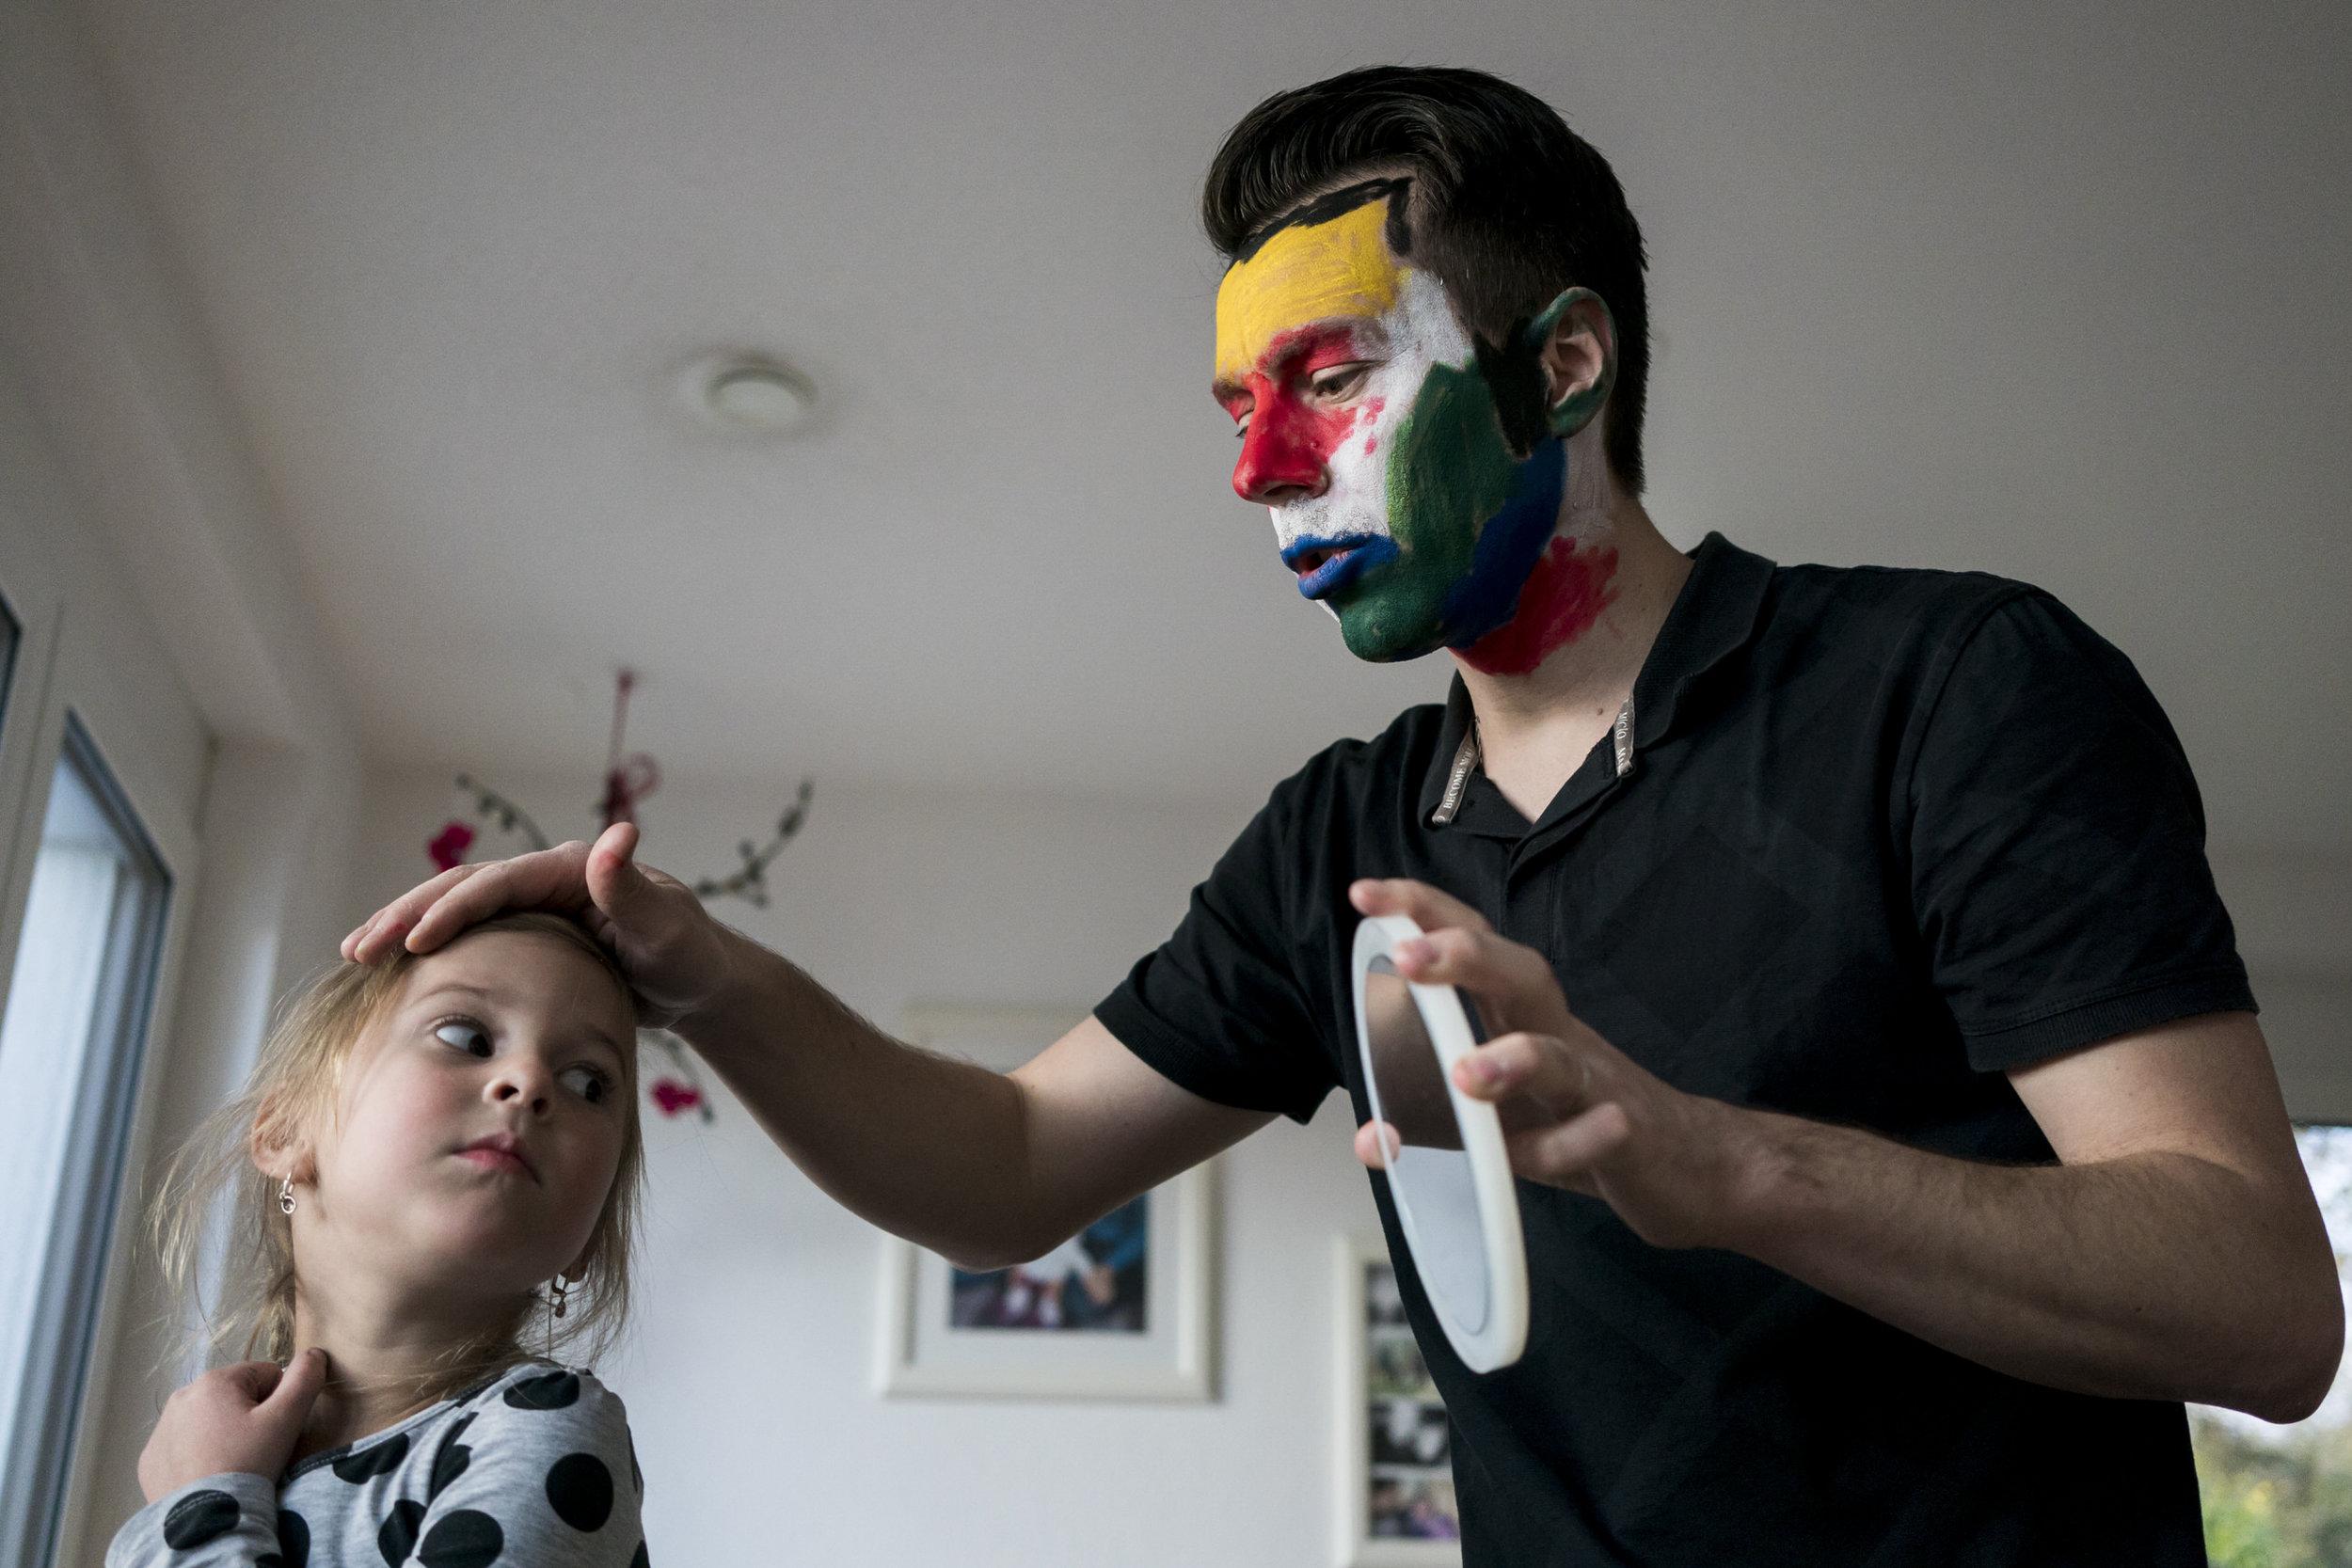 Eines meiner liebsten Familienfotos - Mädchen schaut sich im Spiegel an, den der geschminkte Papa für sie hält